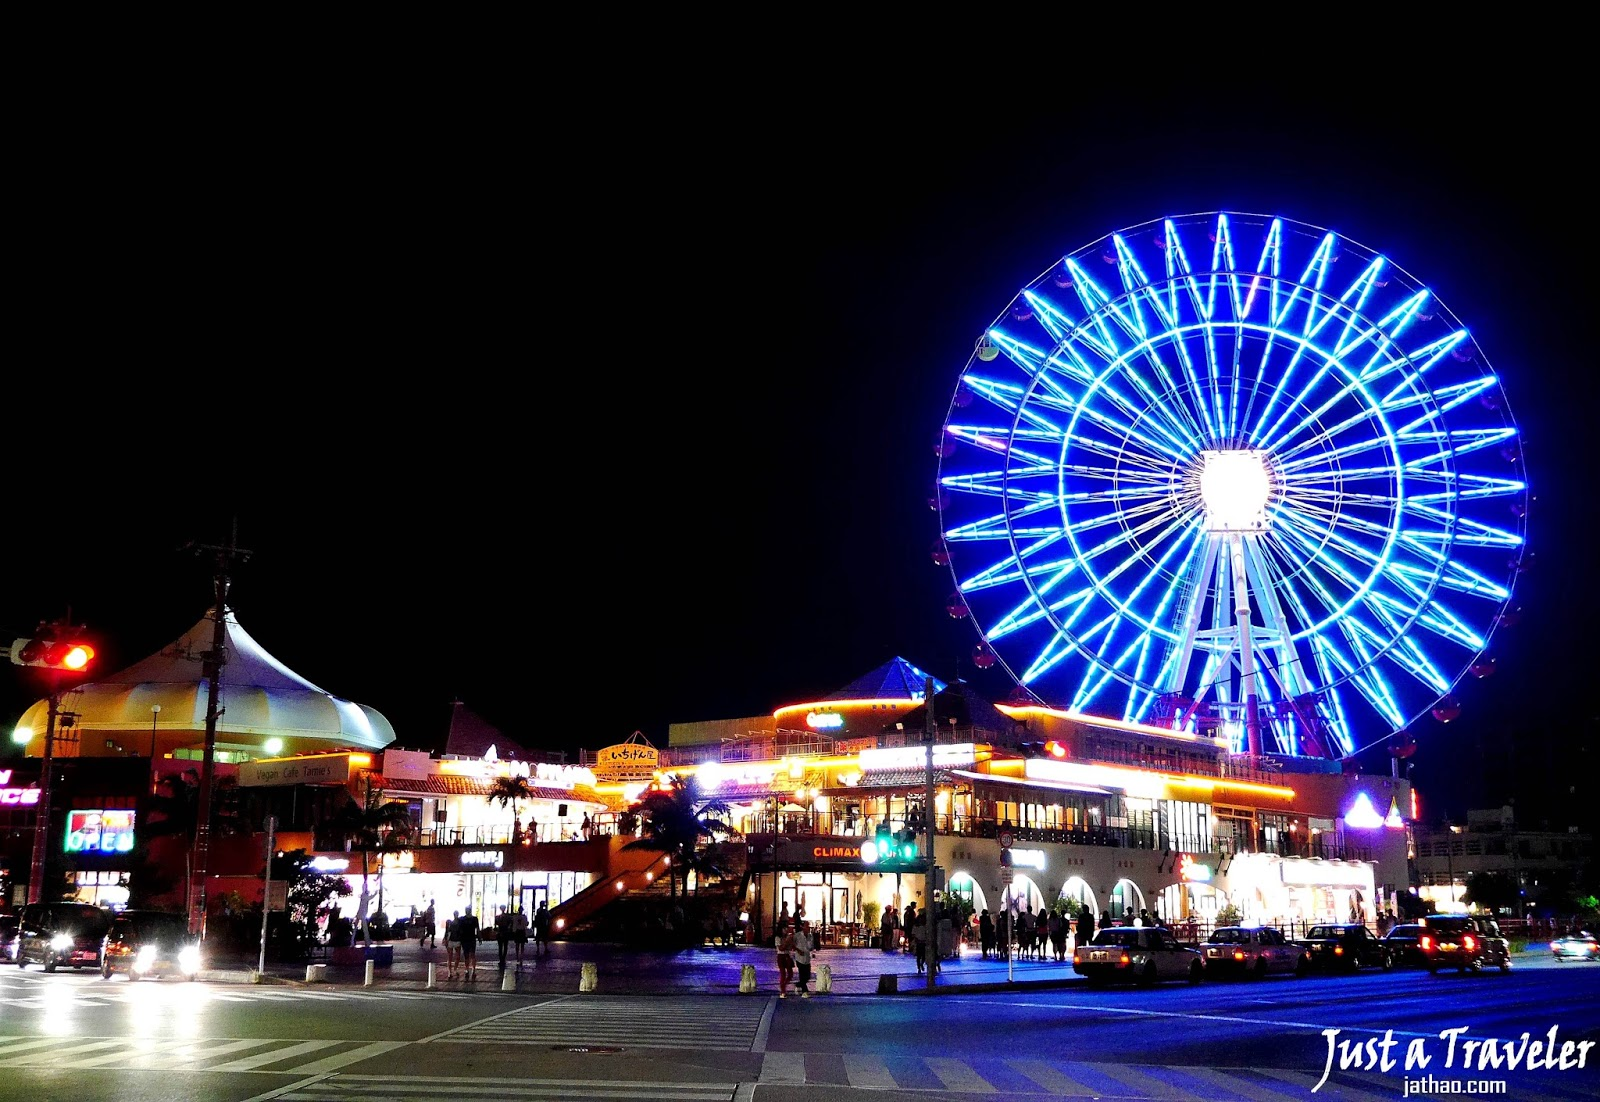 沖繩-景點-推薦-美國村-摩天輪-逛街-購物-自由行-旅遊-Okinawa-attraction-American-Village-Toruist-destination